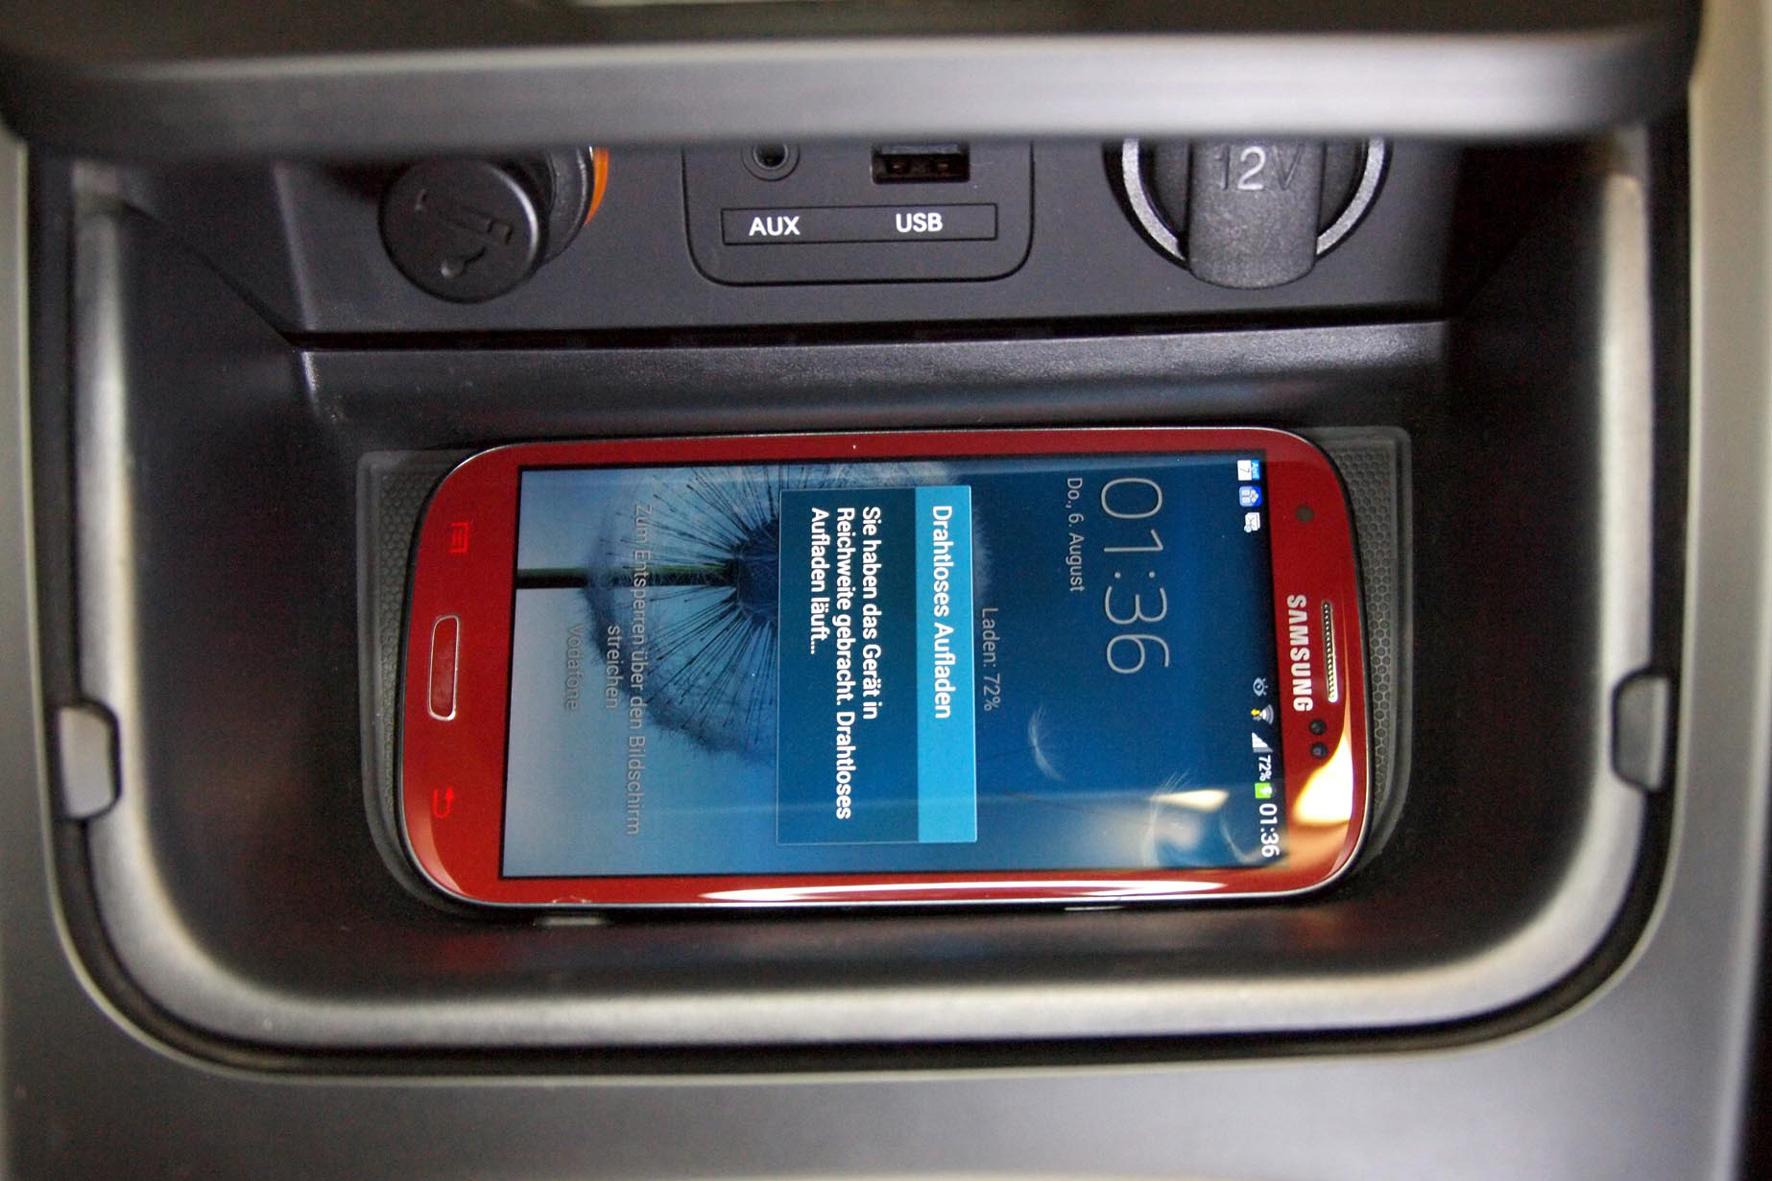 mid Frankfurt am Main - Für den neuen Ceed bietet Kia jetzt eine Ladeschale an, die ein kabelloses Laden von Smartphones ermöglicht.